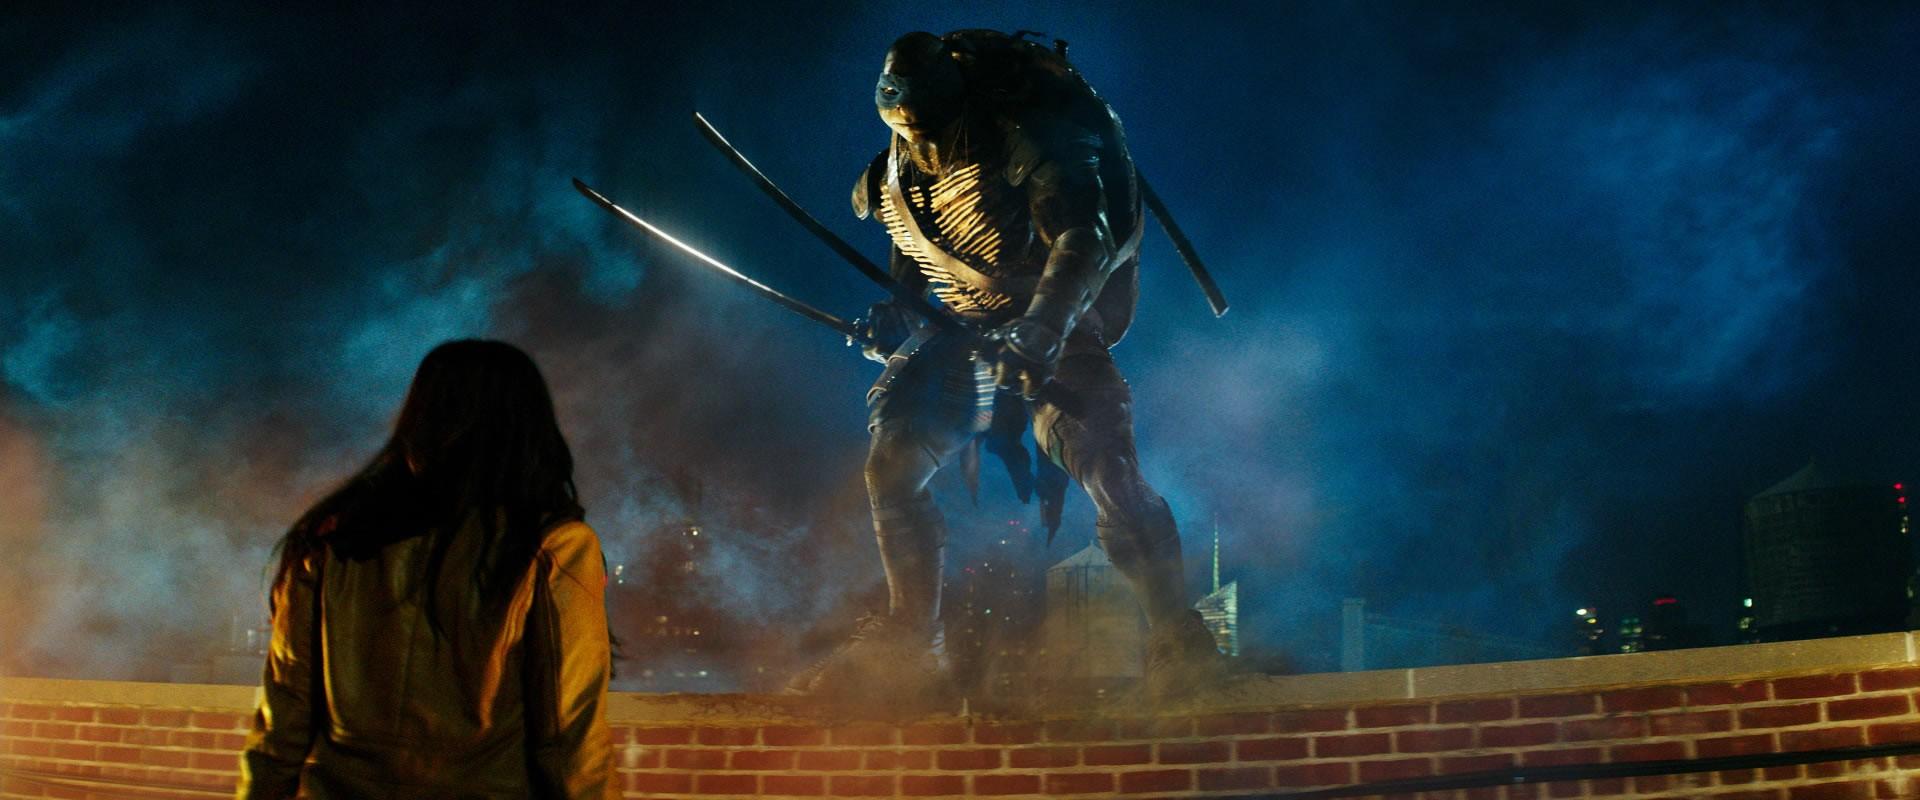 Sucesso de público nos EUA, 'As Tartarugas Ninja' ganhará sequência em 2016